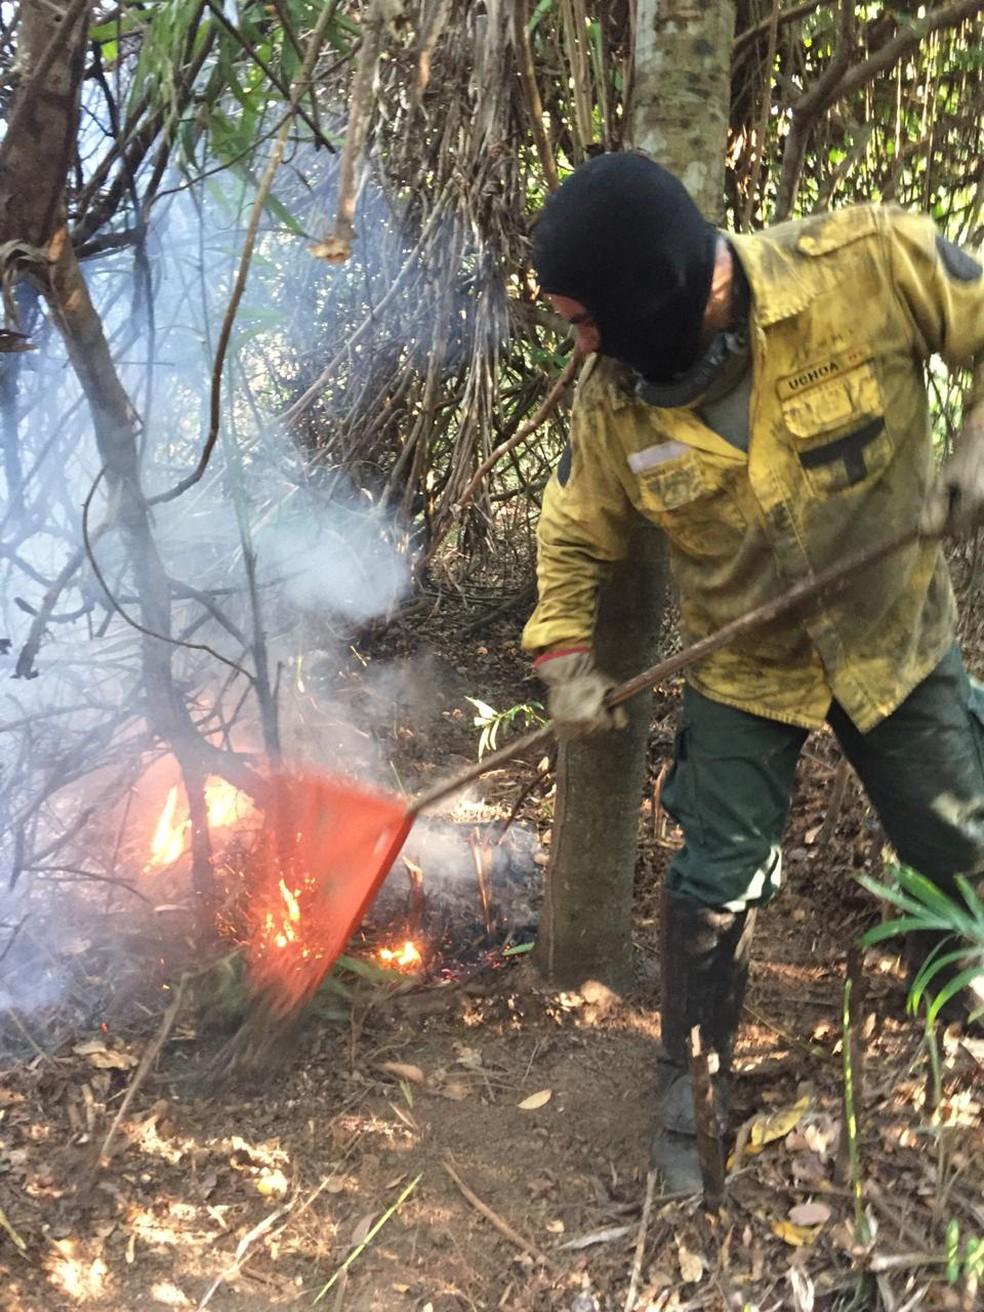 Bombeiros e brigadistas enfrentam o fogo no Pantanal de MS — Foto: Instituto Homem Pantaneiro/Divulgação